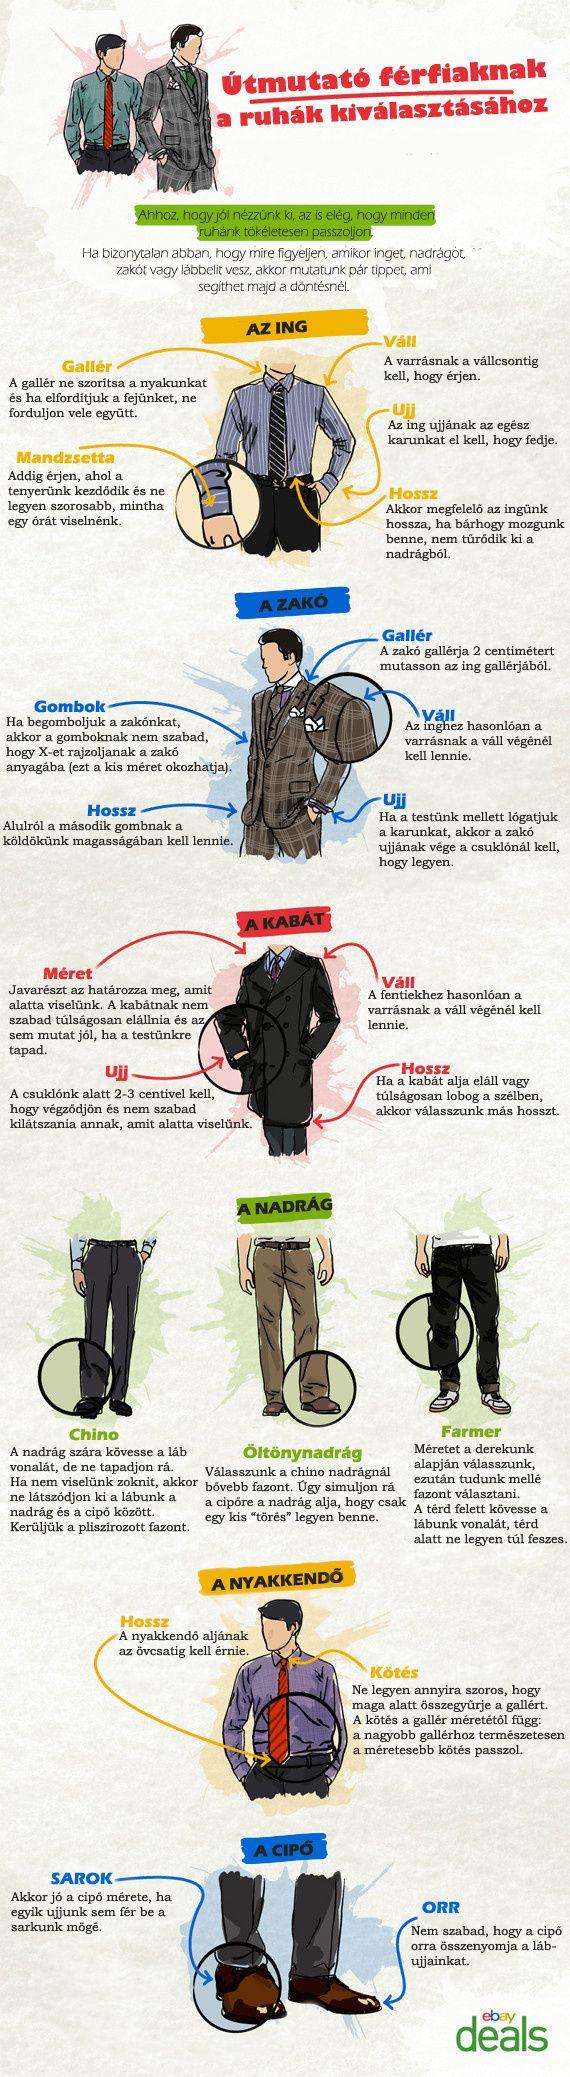 Ilyen egy hasznos infografika férfidivat témában